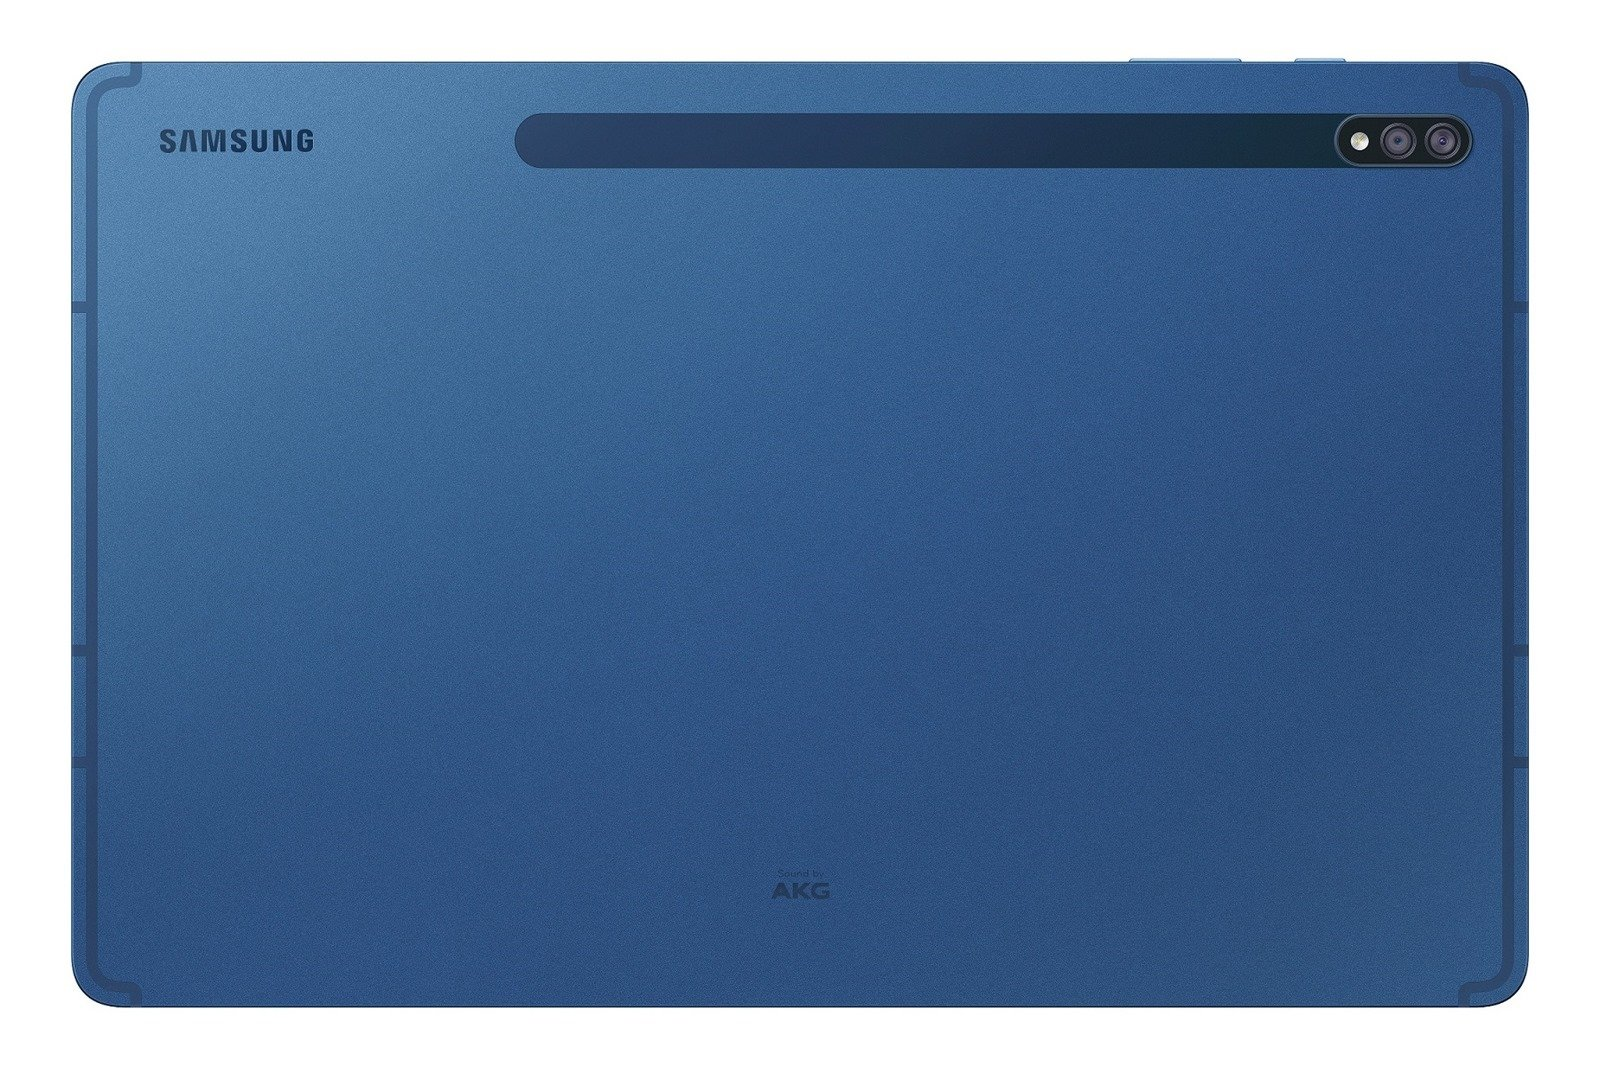 三星 Galaxy Tab S7|S7+ 丹寧新色「星霧藍」型格登場!學生、教職員專屬教育優惠方案 平板、智慧手錶、藍牙耳機最低 7 折起 @3C 達人廖阿輝